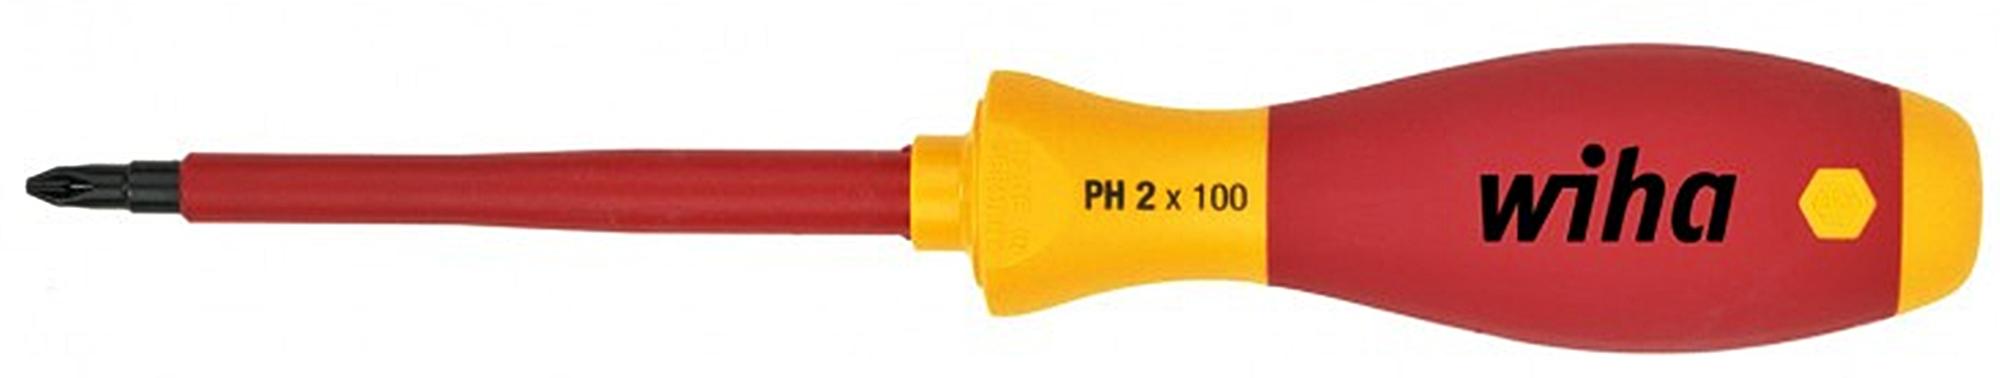 Skrutkovač krížový PH3 x 150mm 1000V 00849 WIHA